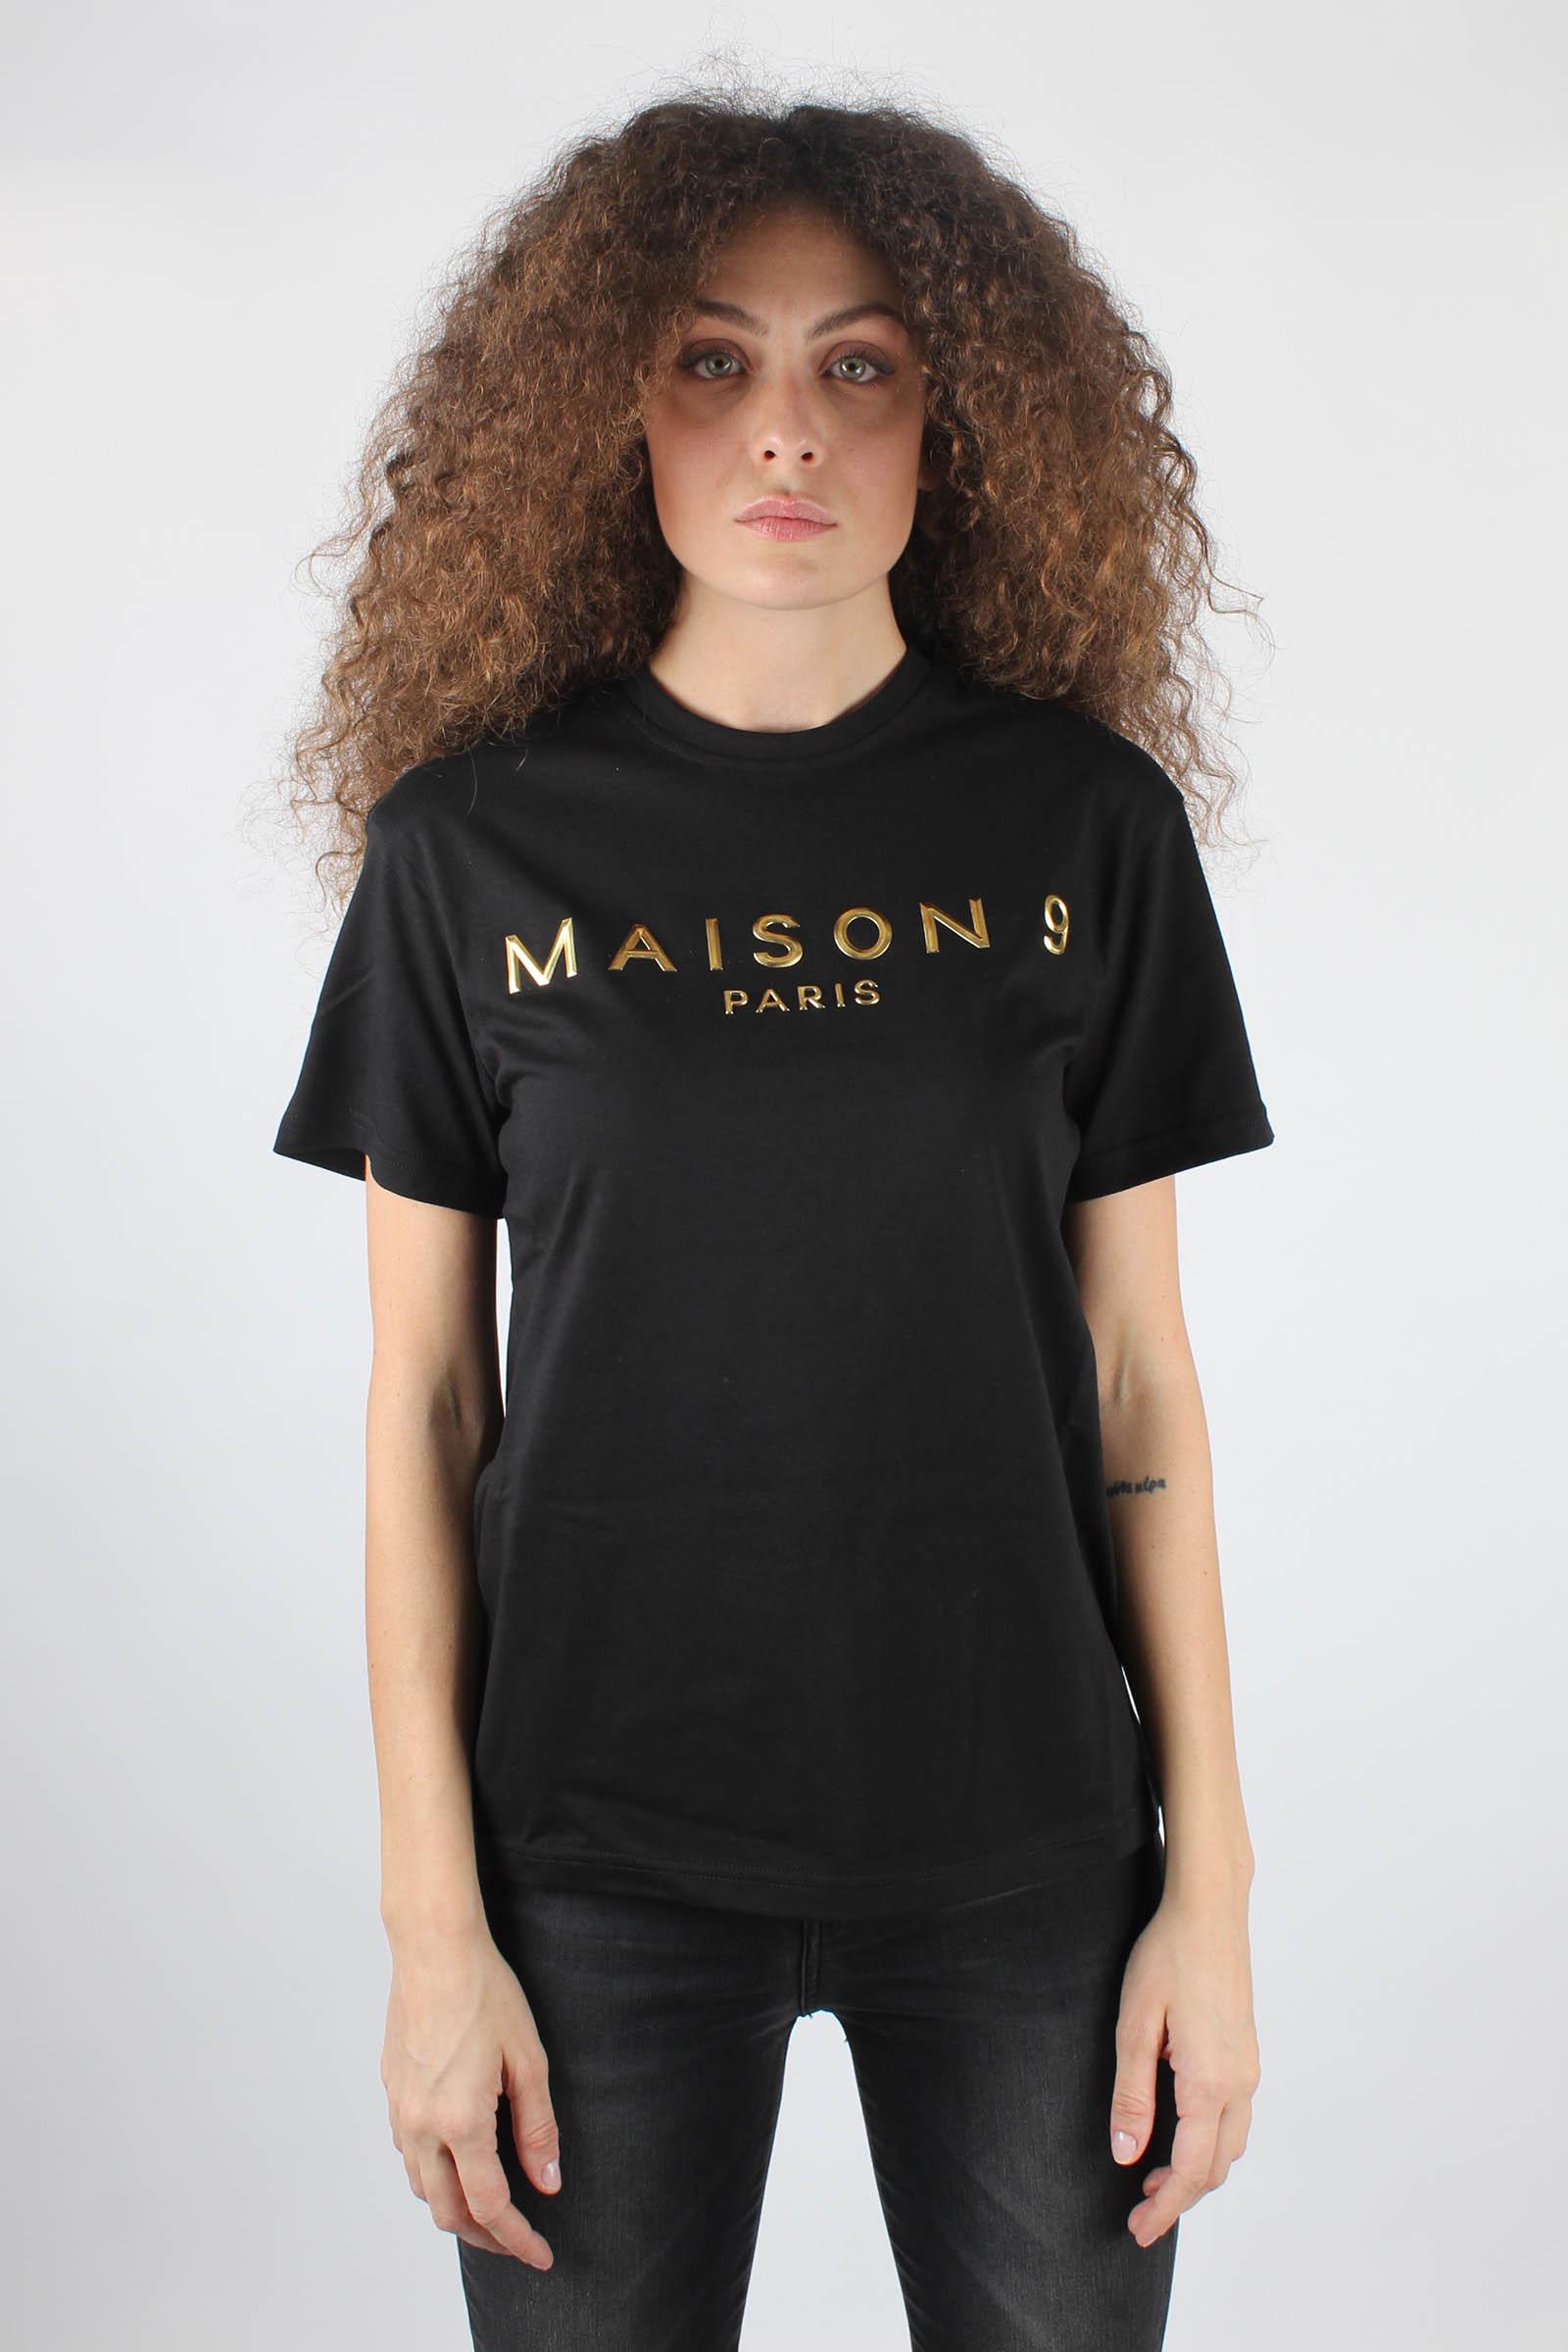 MAISON 9 PARIS      M9FM41132